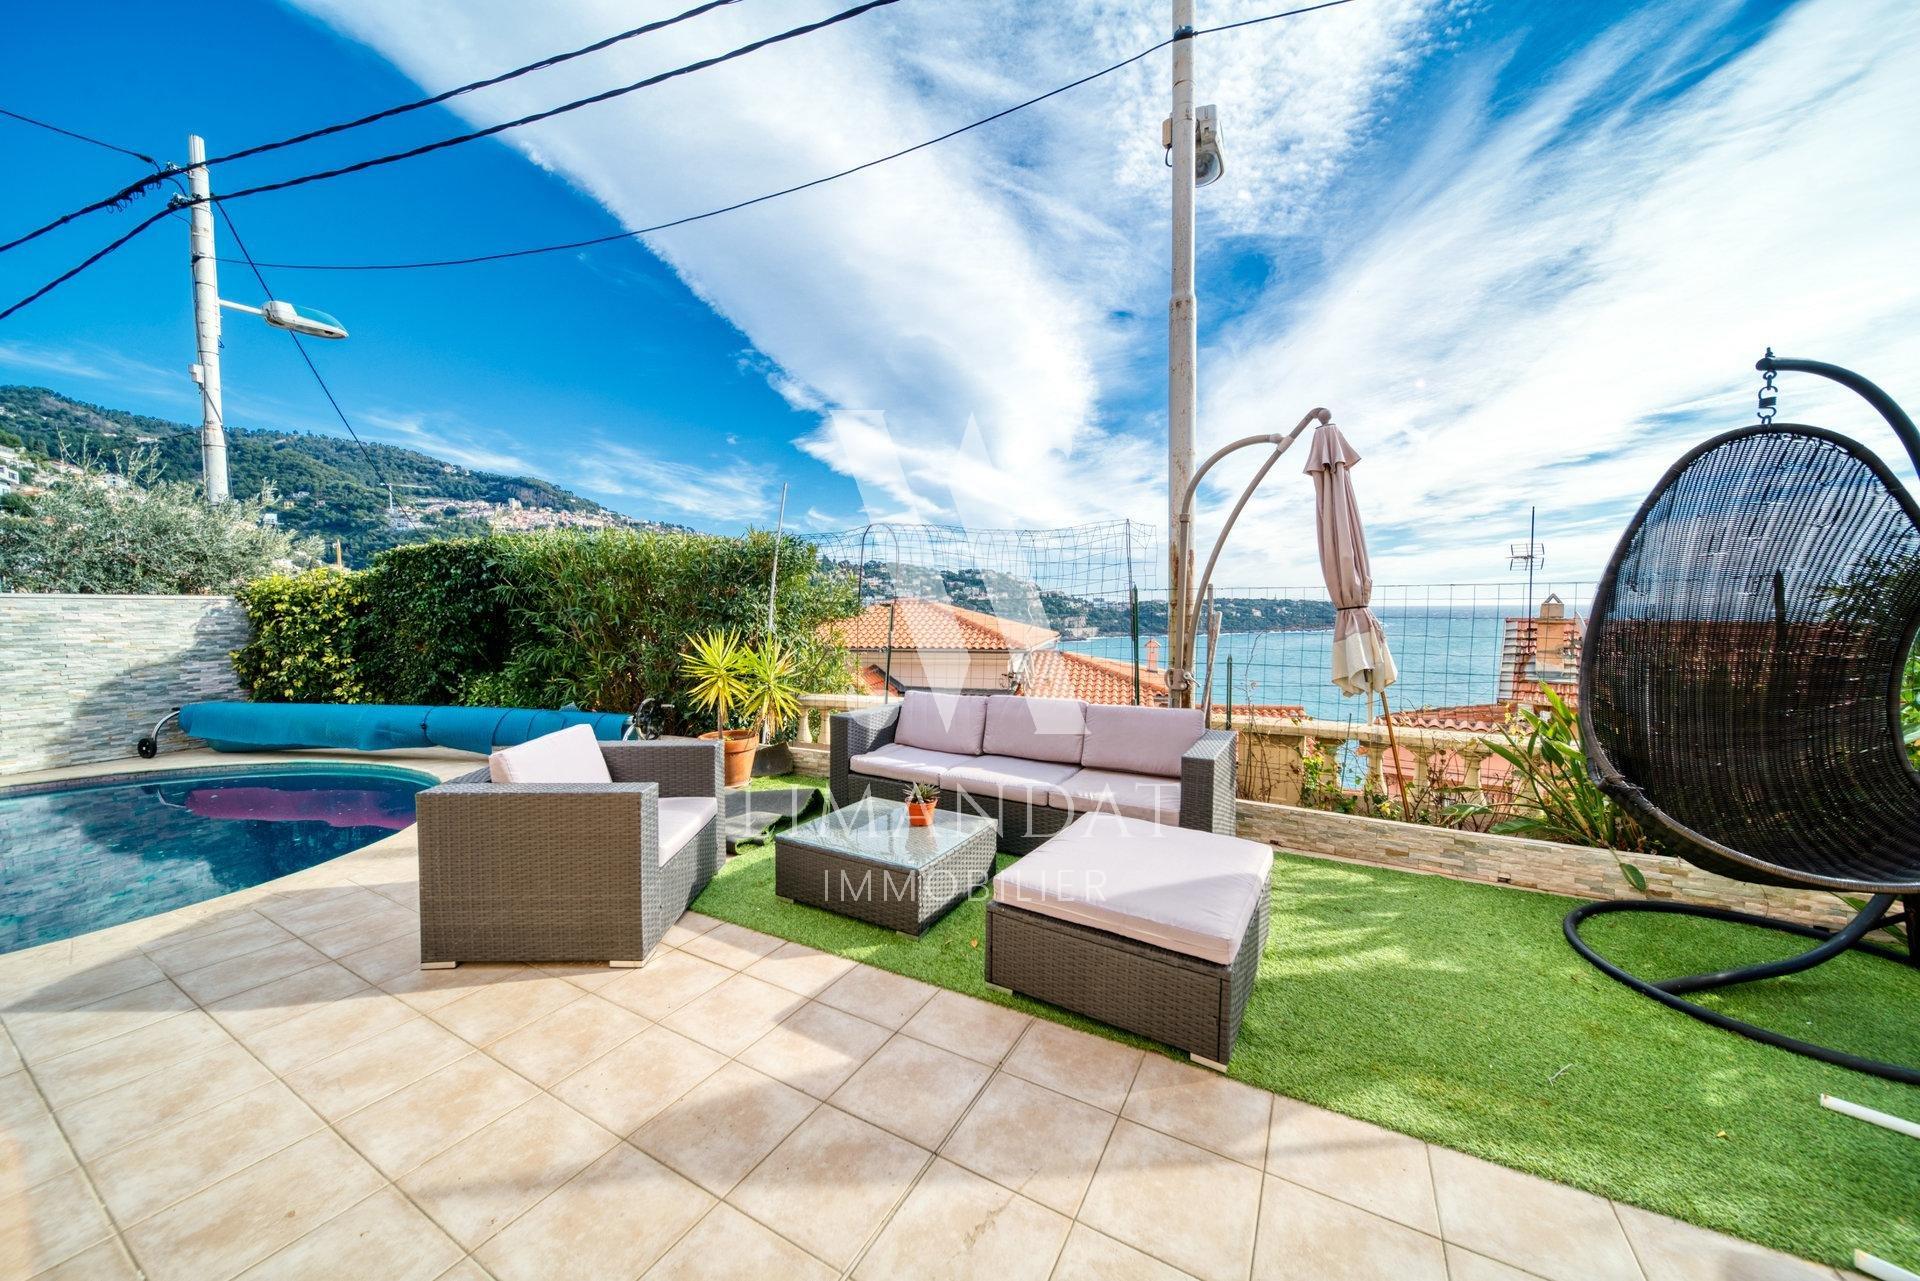 Roquebrune Cap Martin - villa 149 m2 piscina vista mare